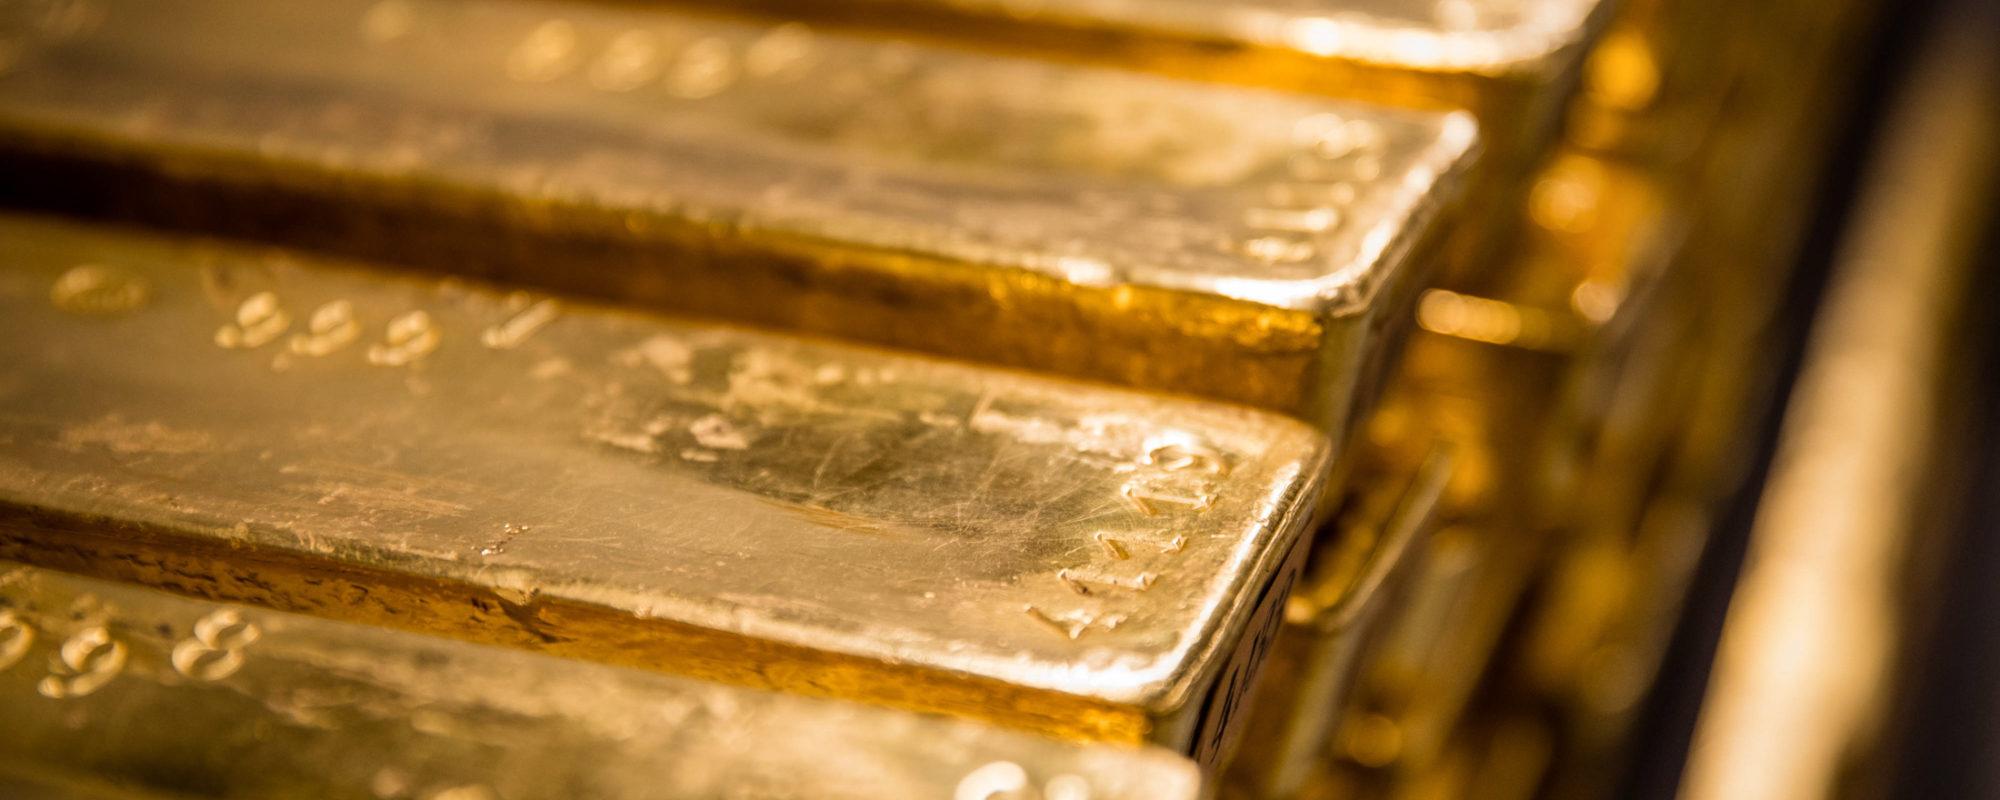 Giá vàng hôm nay 15/9: Vàng miếng SJC điều chỉnh tăng trở lại - Ảnh 2.